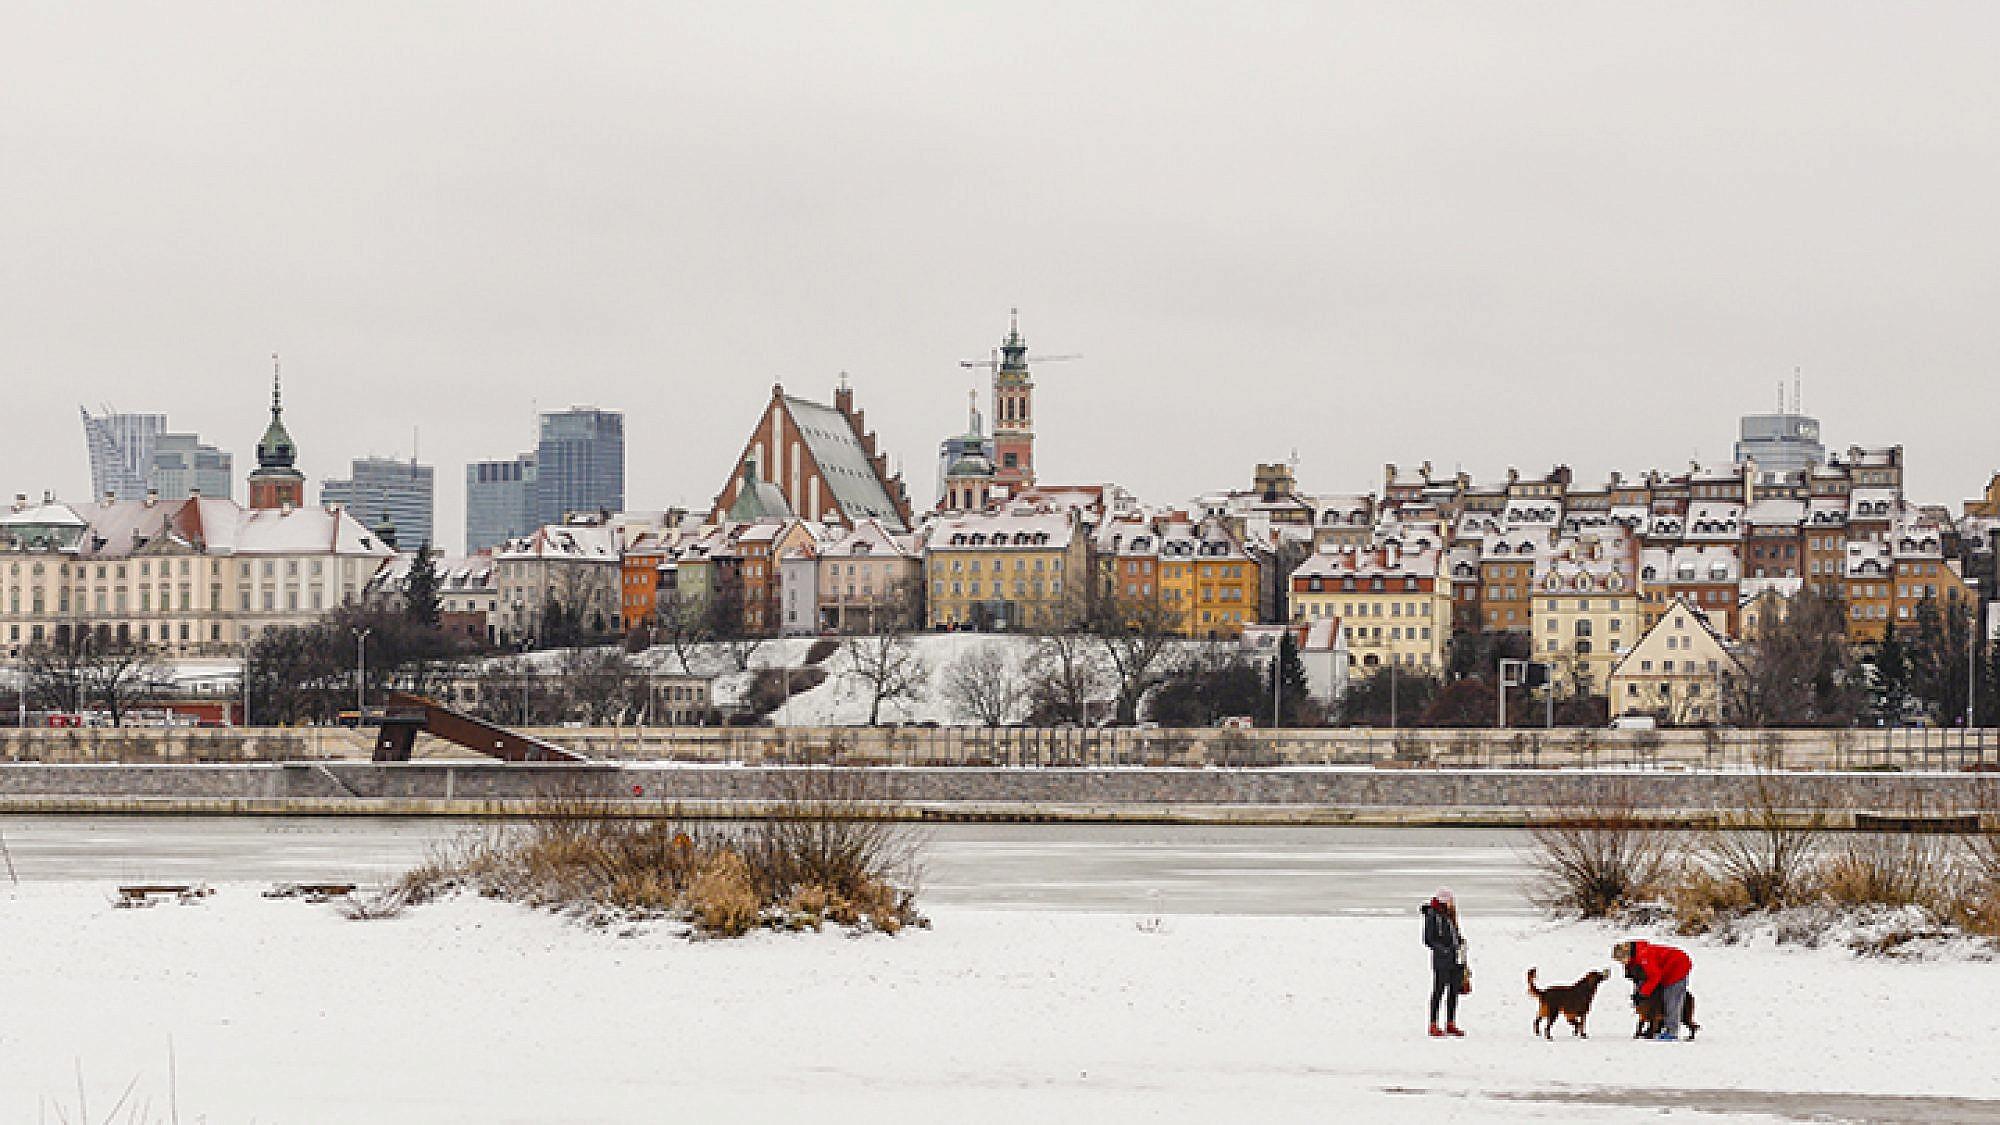 חורף פנורמי   צילום: המכון הפולני בתל אביב Warsaw Tourist Office